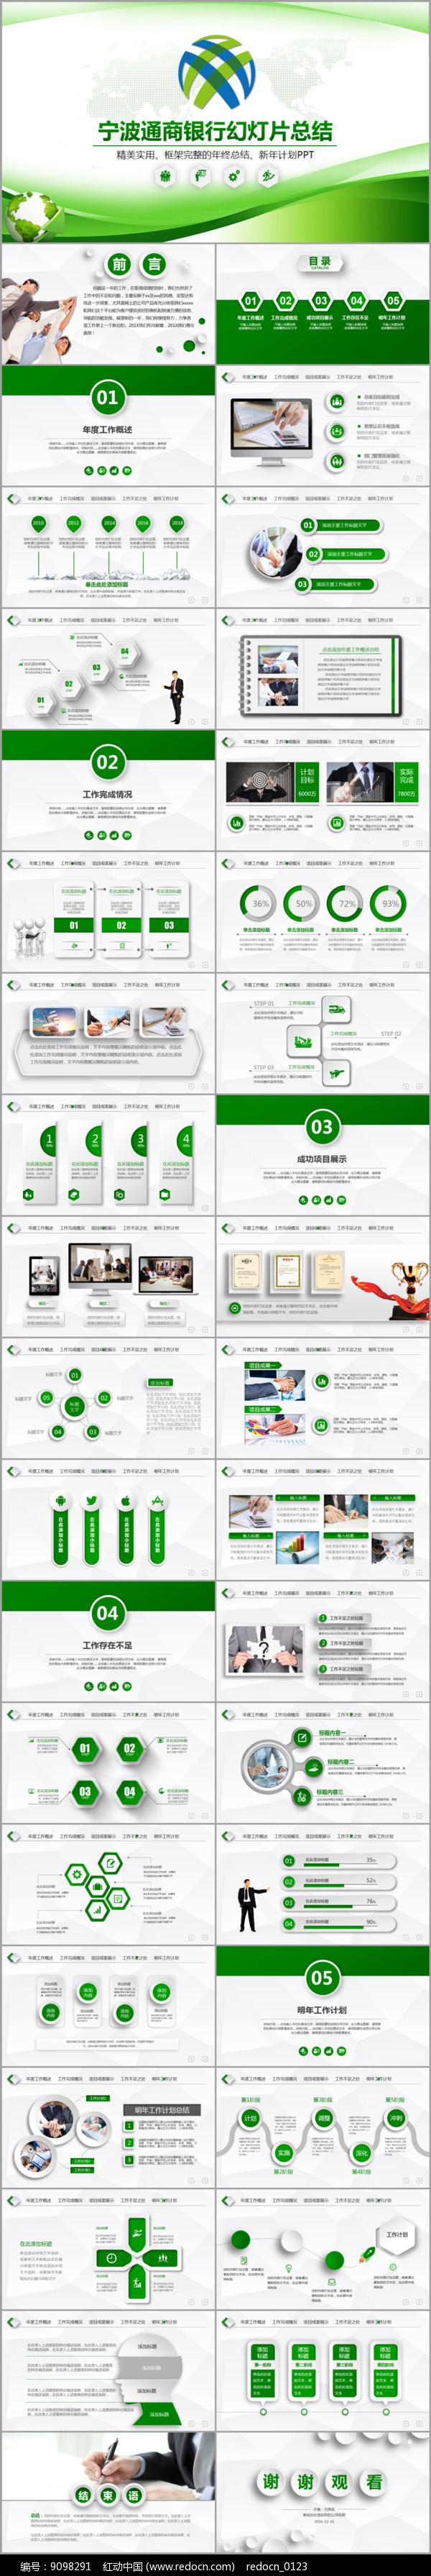 宁波通商银行绿色商务PPT图片